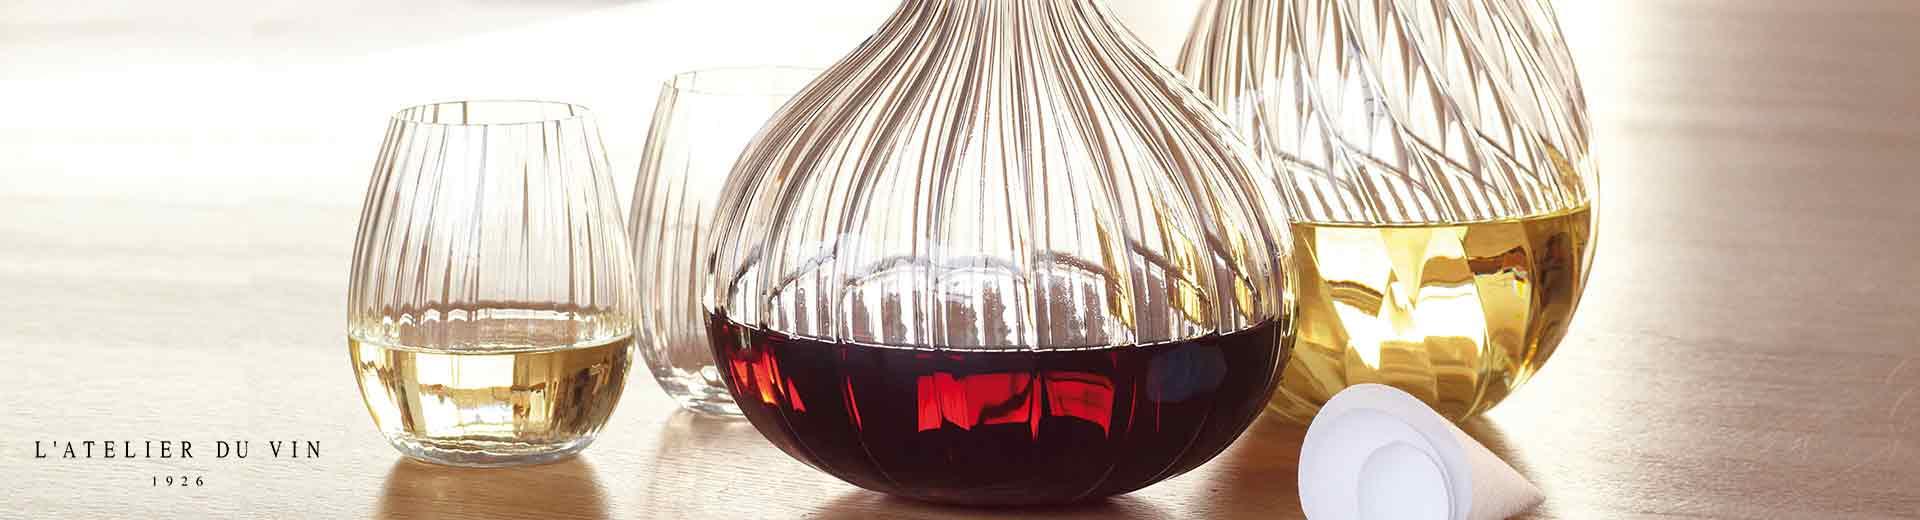 l atelier du vin